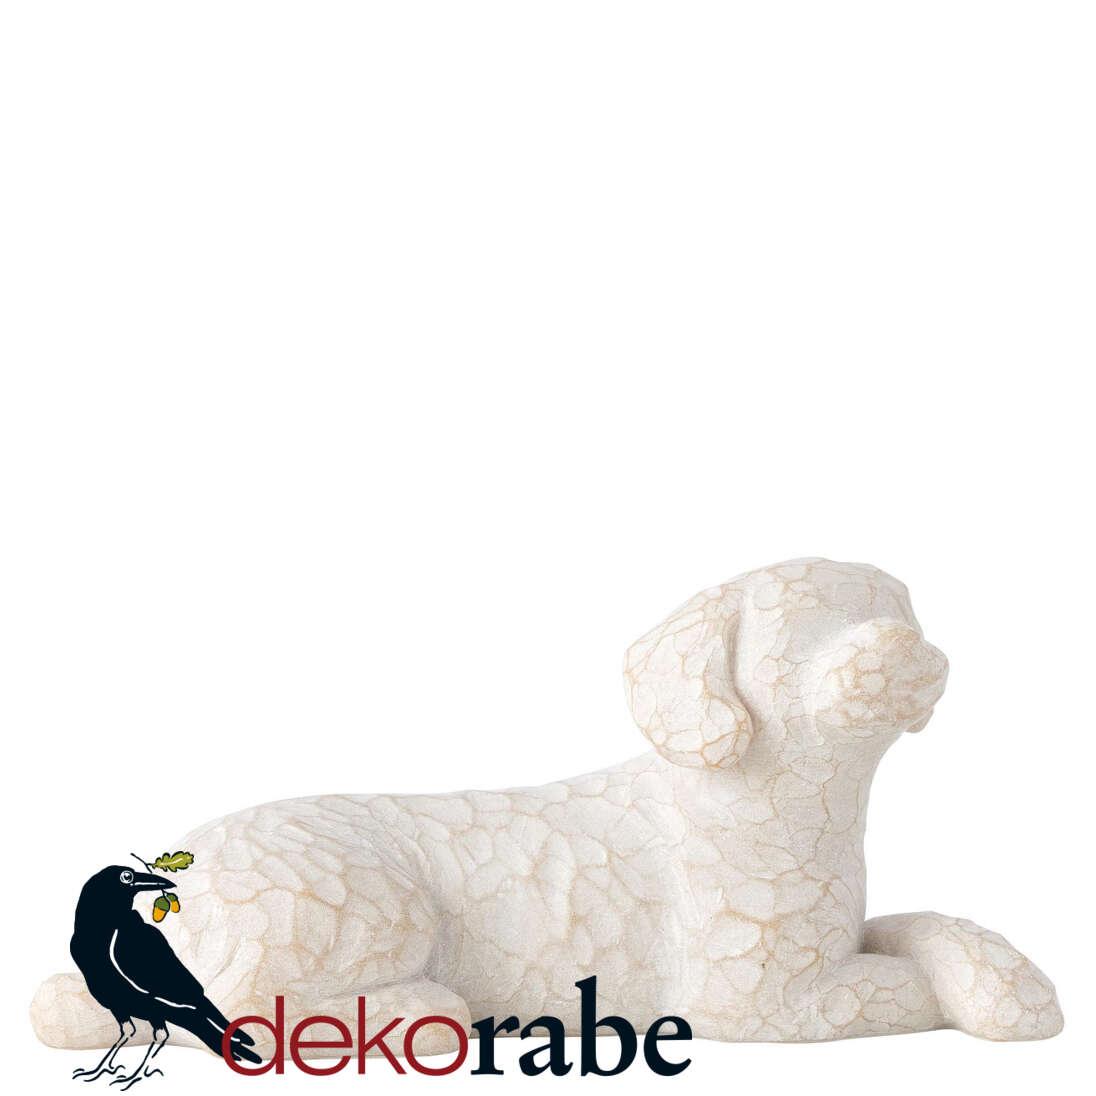 Mein lieber Hund Liegender Hund mit hellem Fell.